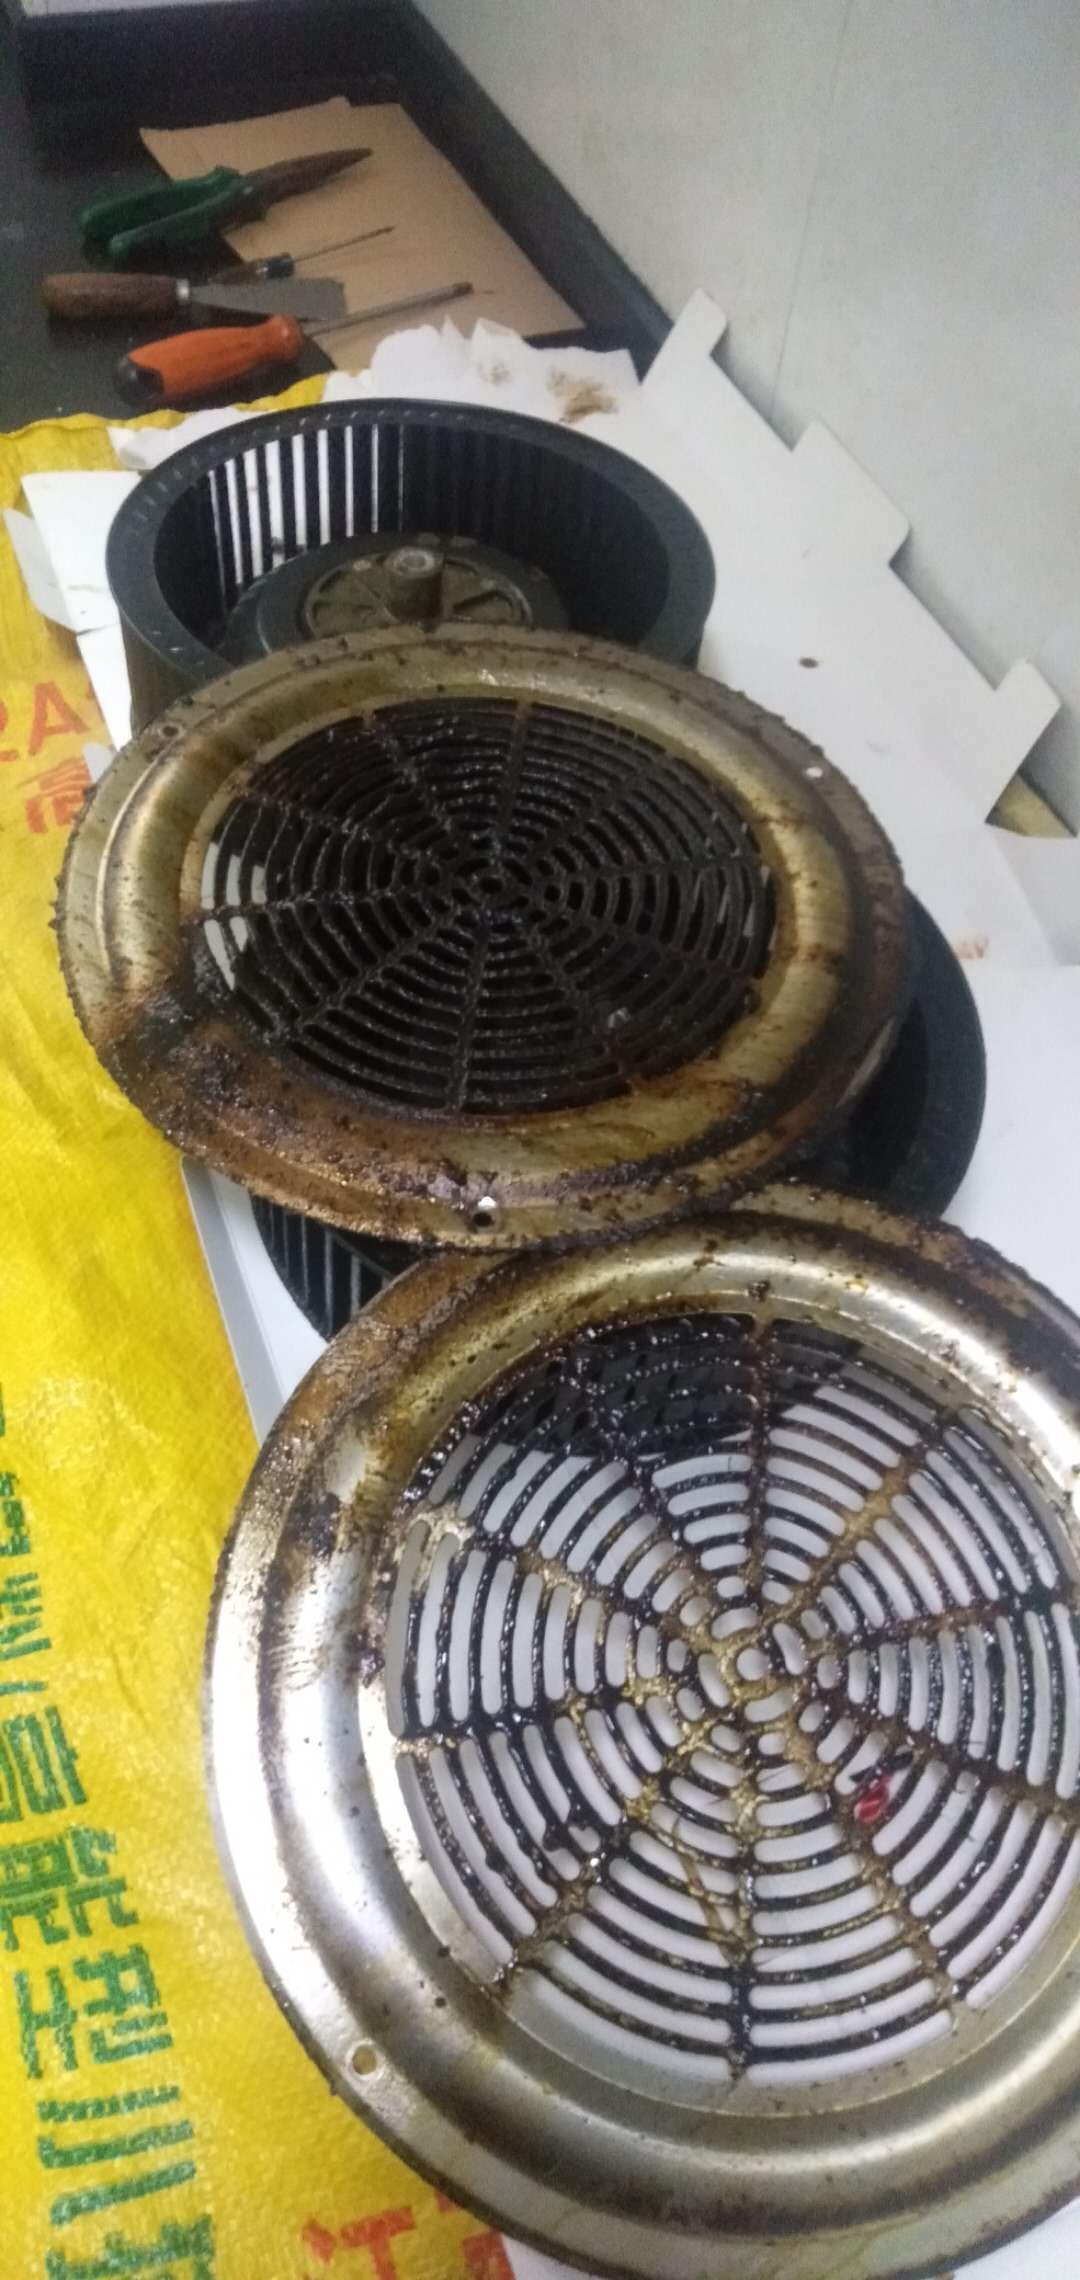 热水器清洗好处有哪些